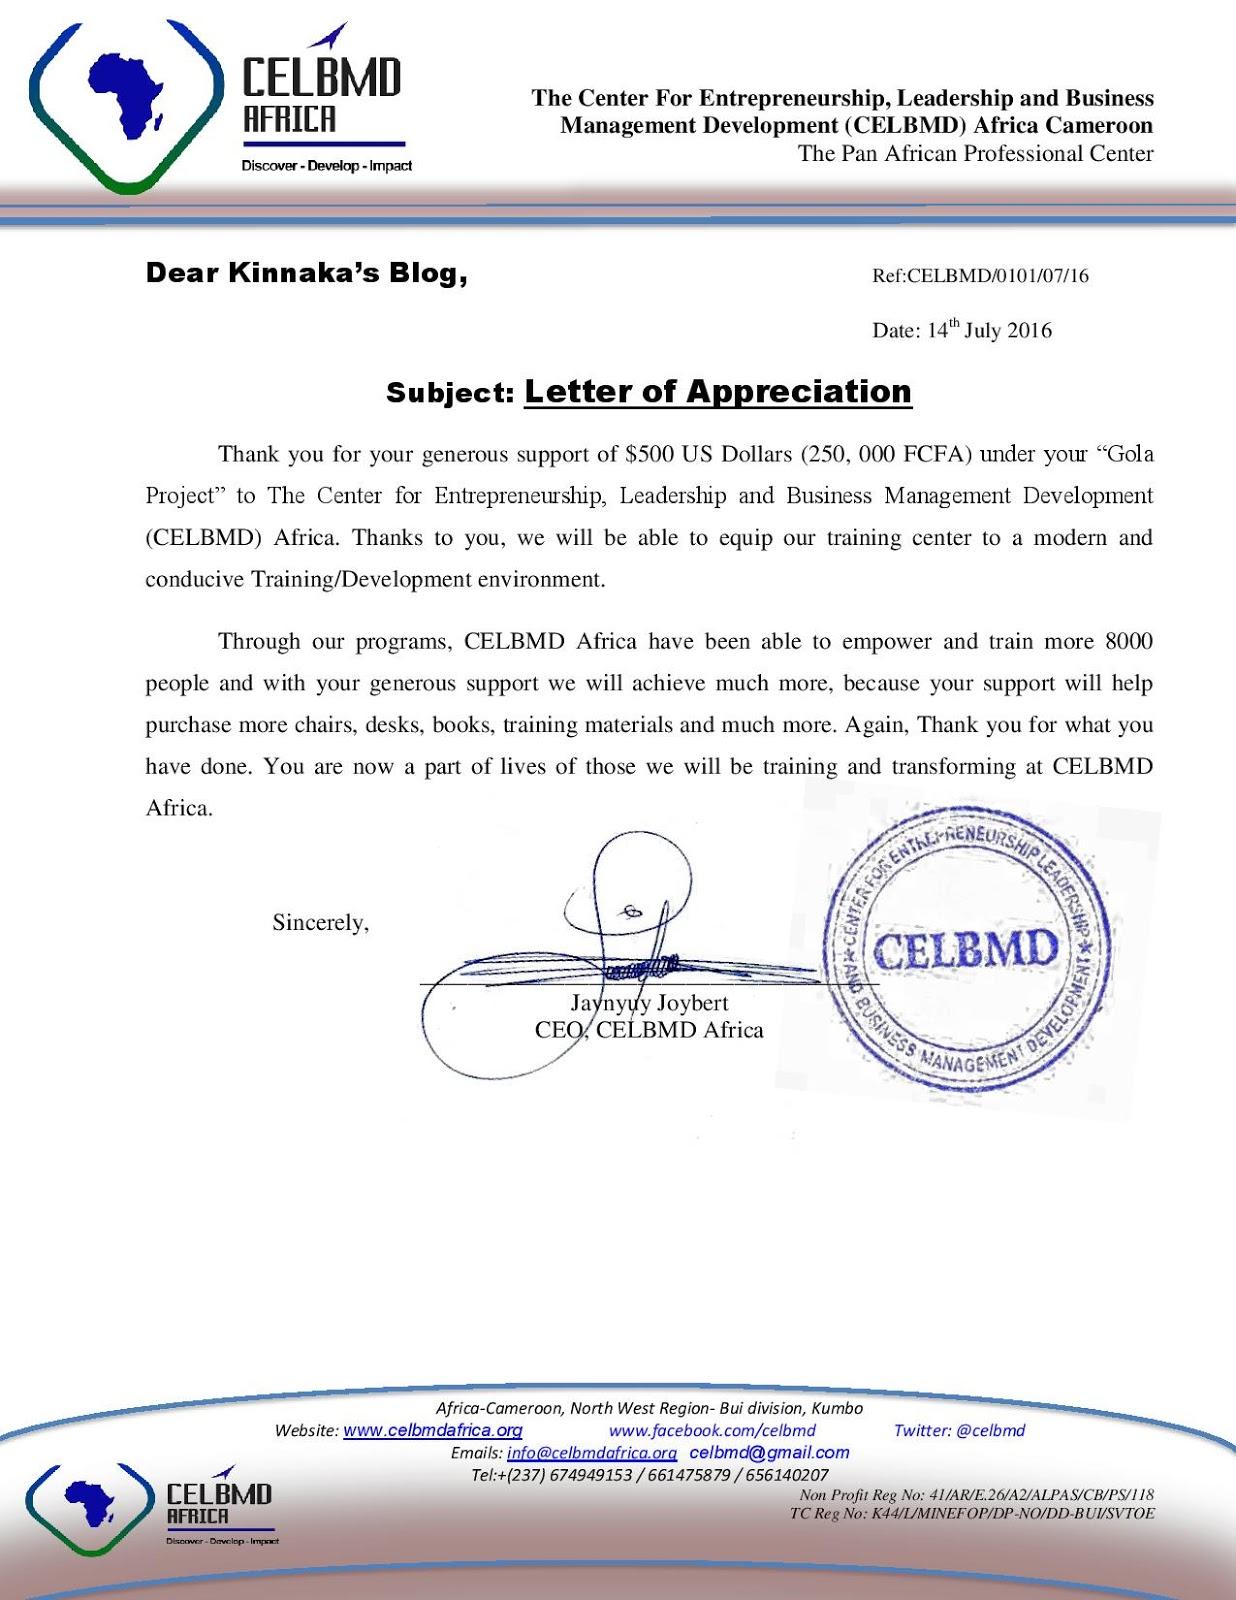 kinnaka s blog winner of the gola project javynyuy joybert winner of the gola project javynyuy joybert celbmd sends kinnaka s blog an appreciation letter